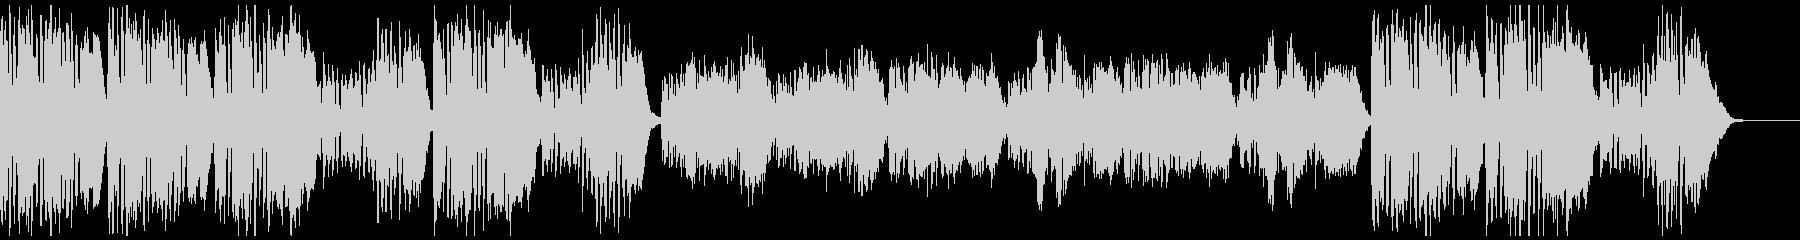 BWV1067/5『ポロネーズ』バッハの未再生の波形